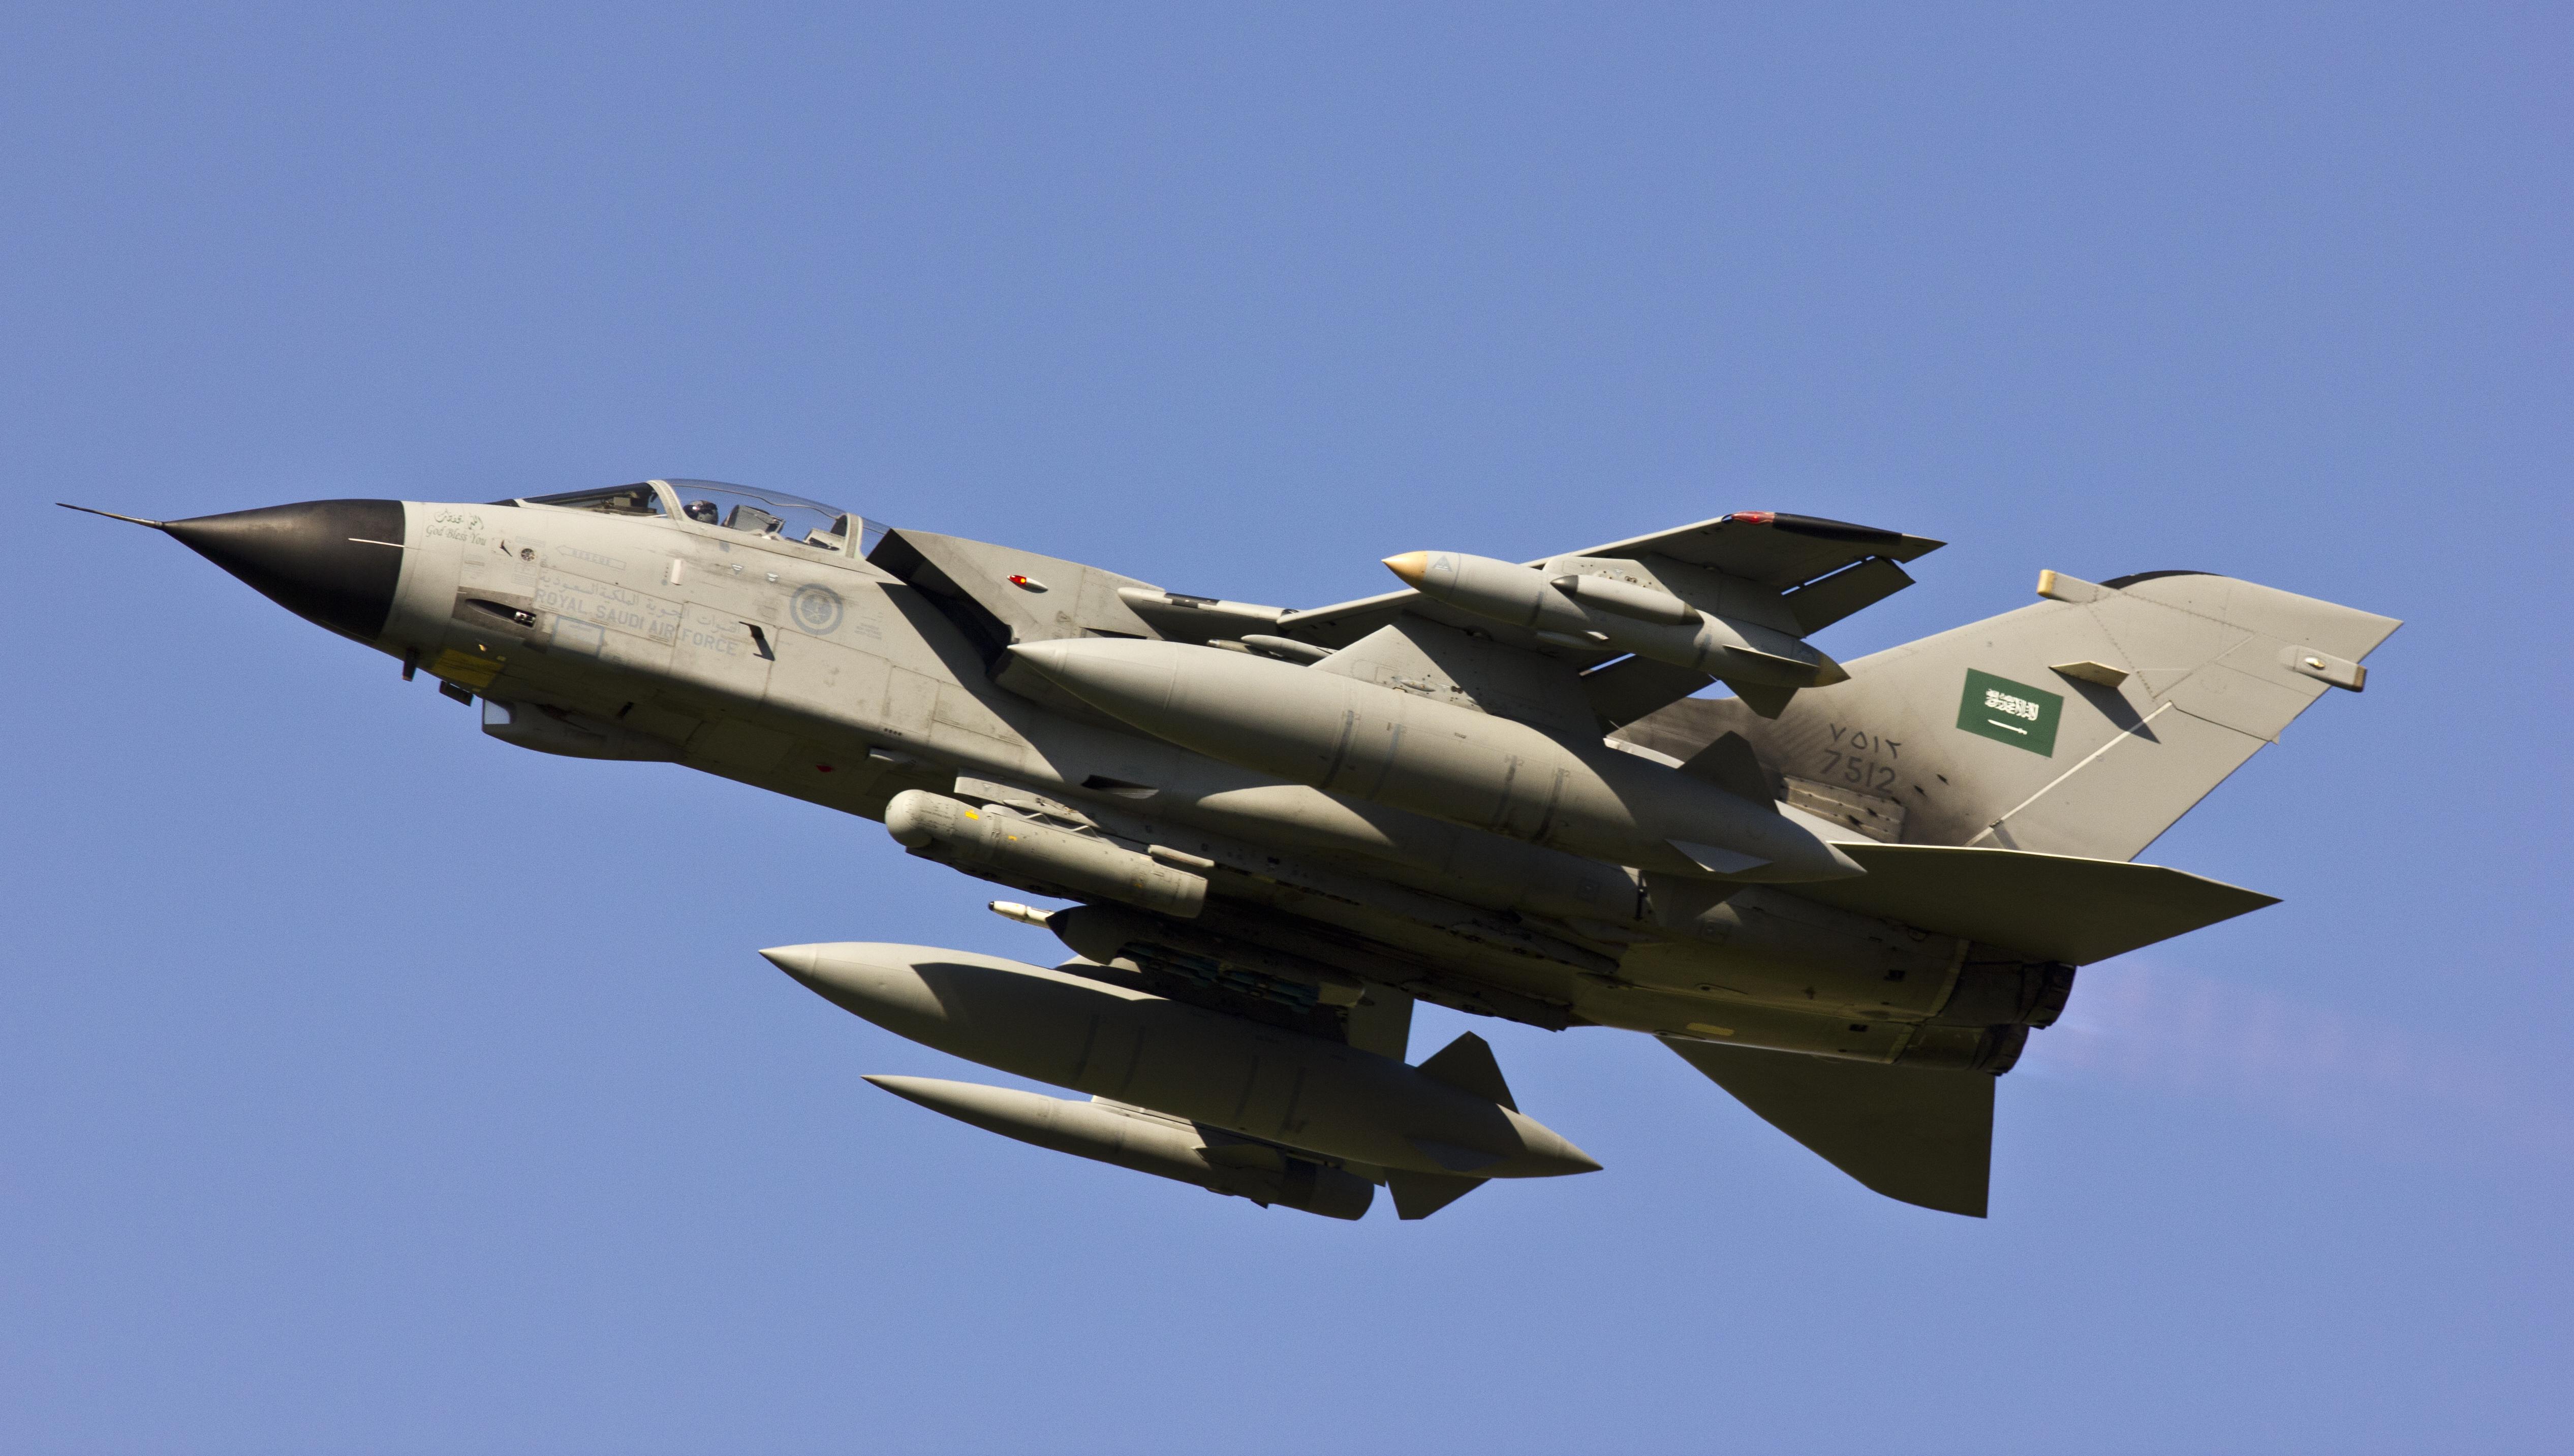 الموسوعه الفوغترافيه لصور القوات الجويه الملكيه السعوديه ( rsaf ) - صفحة 4 9905101784_7b927f5c50_o